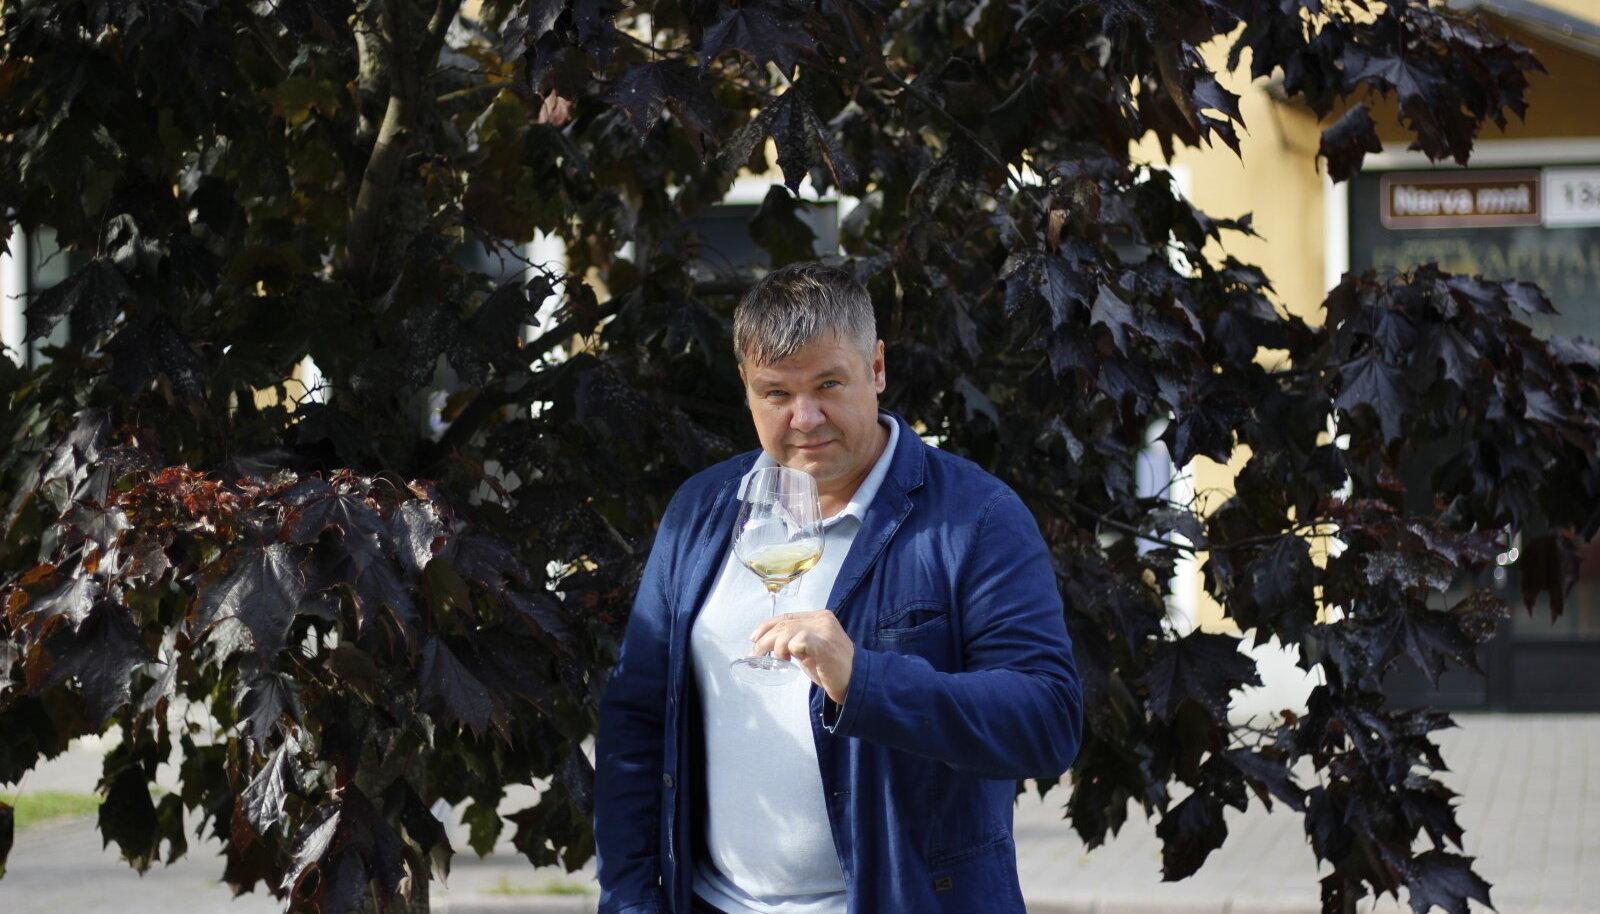 Milliseid maitsevõimalusi Chenin Blanc tegelikult pakub, räägib lähemalt Eesti Sommeljeede Assotsiatsiooni sommeljee ja sommeljeede erakooli lektor Aivar Vipper.